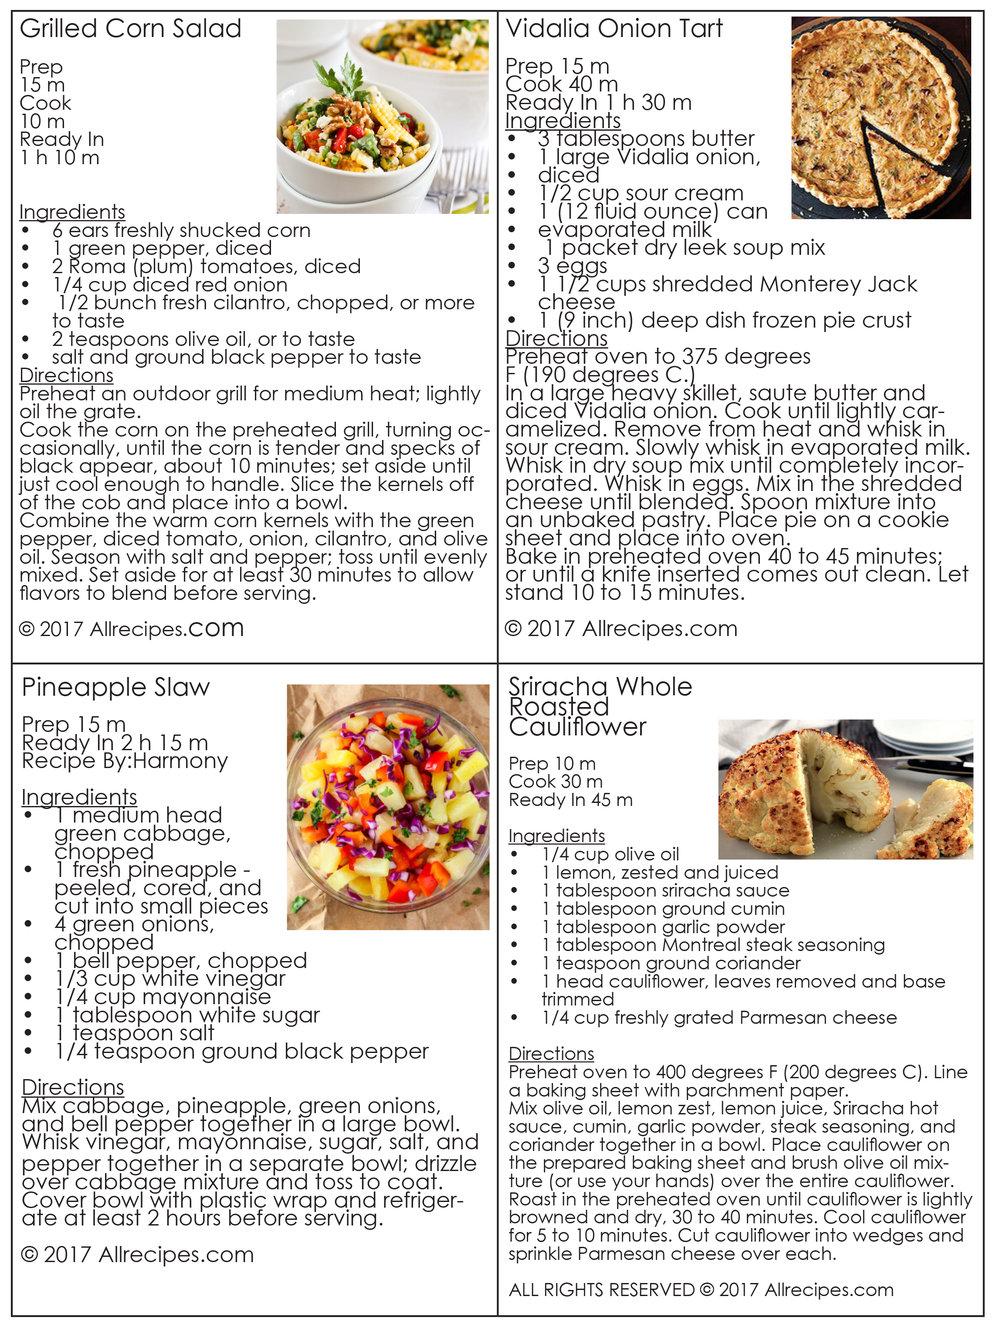 May 23rd recipes